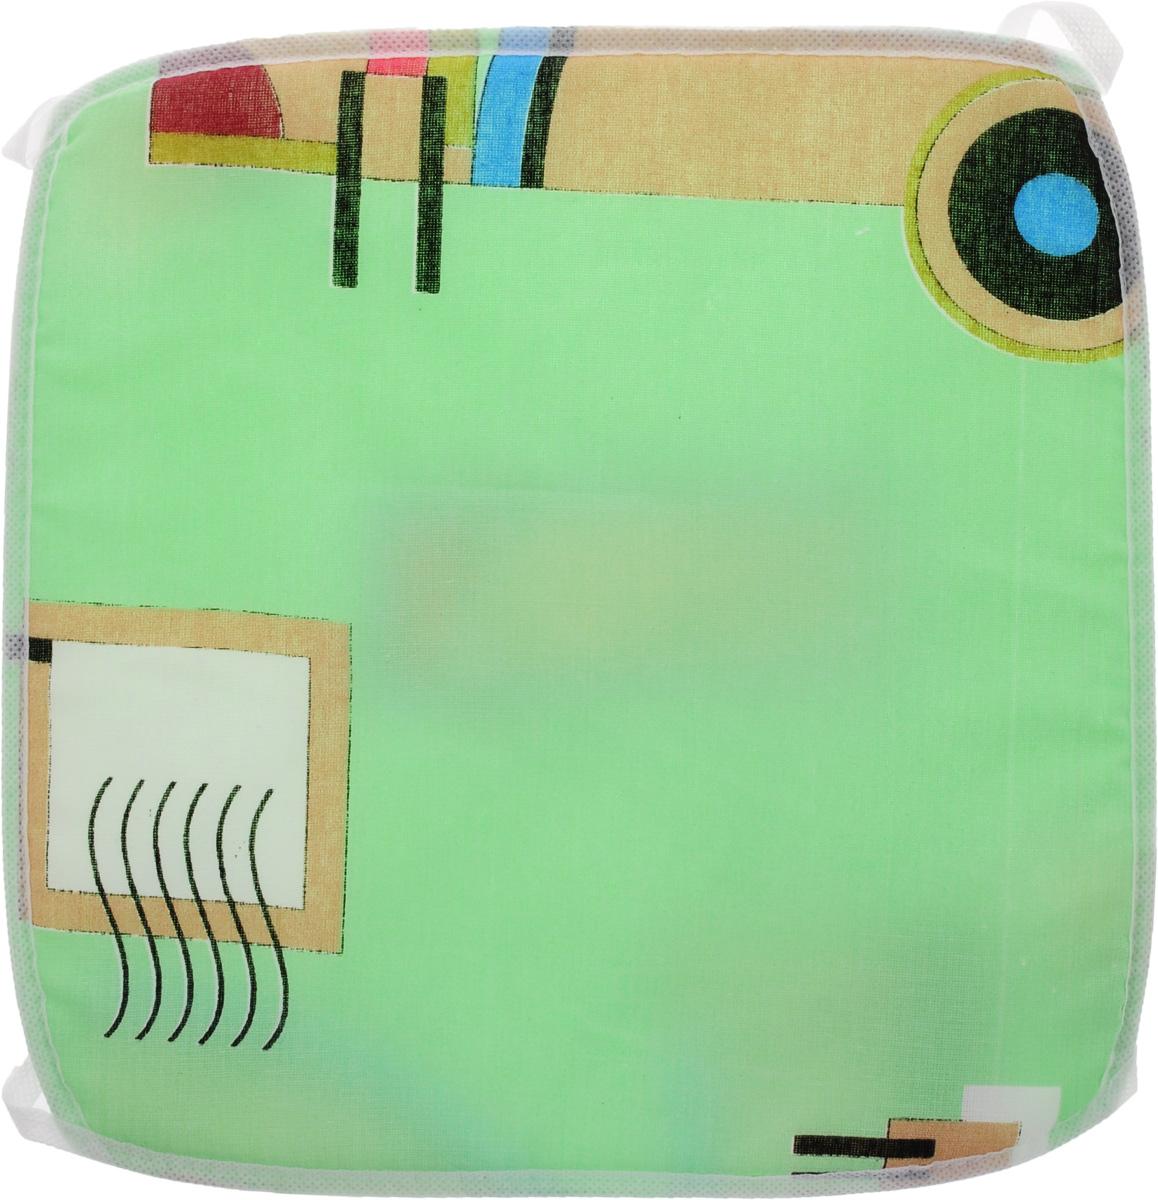 Подушка на стул Eva Геометрия, цвет: белый, светло-зеленый, 34 х 34 см. Е06VT-1520(SR)Подушка на стул Eva Геометрия, выполненная из хлопка с наполнителем из поролона, легко крепится на стул с помощью завязок.Рекомендации по уходу:- деликатная стирка при температуре воды до 30°С.- отбеливание, барабанная сушка, химчистка запрещены.- рекомендуется глажка при температуре подошвы утюга до 110°С.